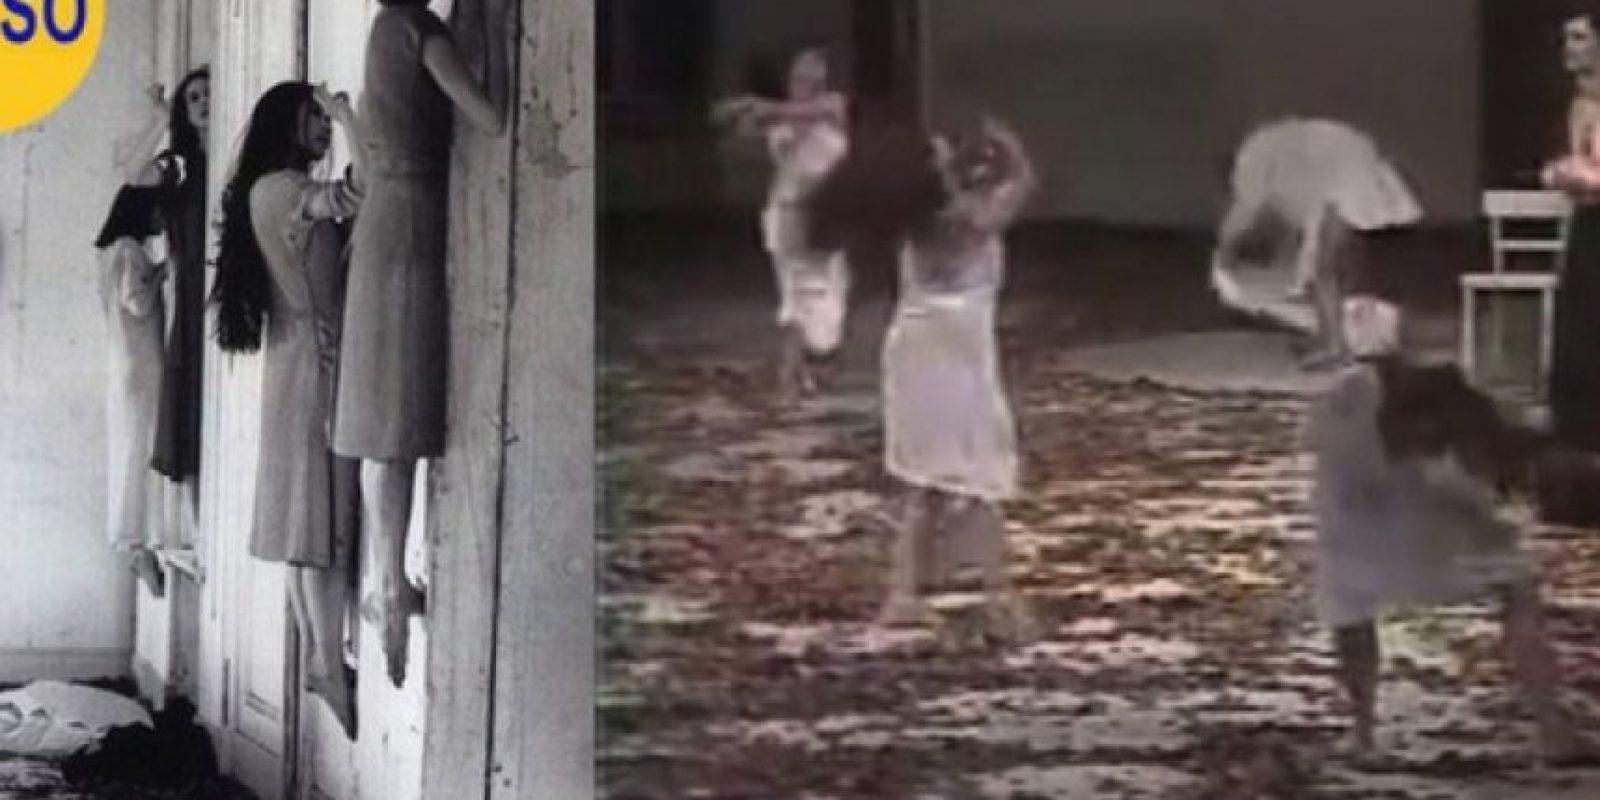 Las mujeres flotantes de un manicomio ruso: La imagen de la izquierda muestra supuestas pacientes de una institución psiquiátrica rusa en 1952. Las mujeres parecen estar flotando como si estuvieran poseídas. En realidad es un montaje con bailarinas de una representación, de 1977, llamada Blaubart Foto:Flickr – Archivo